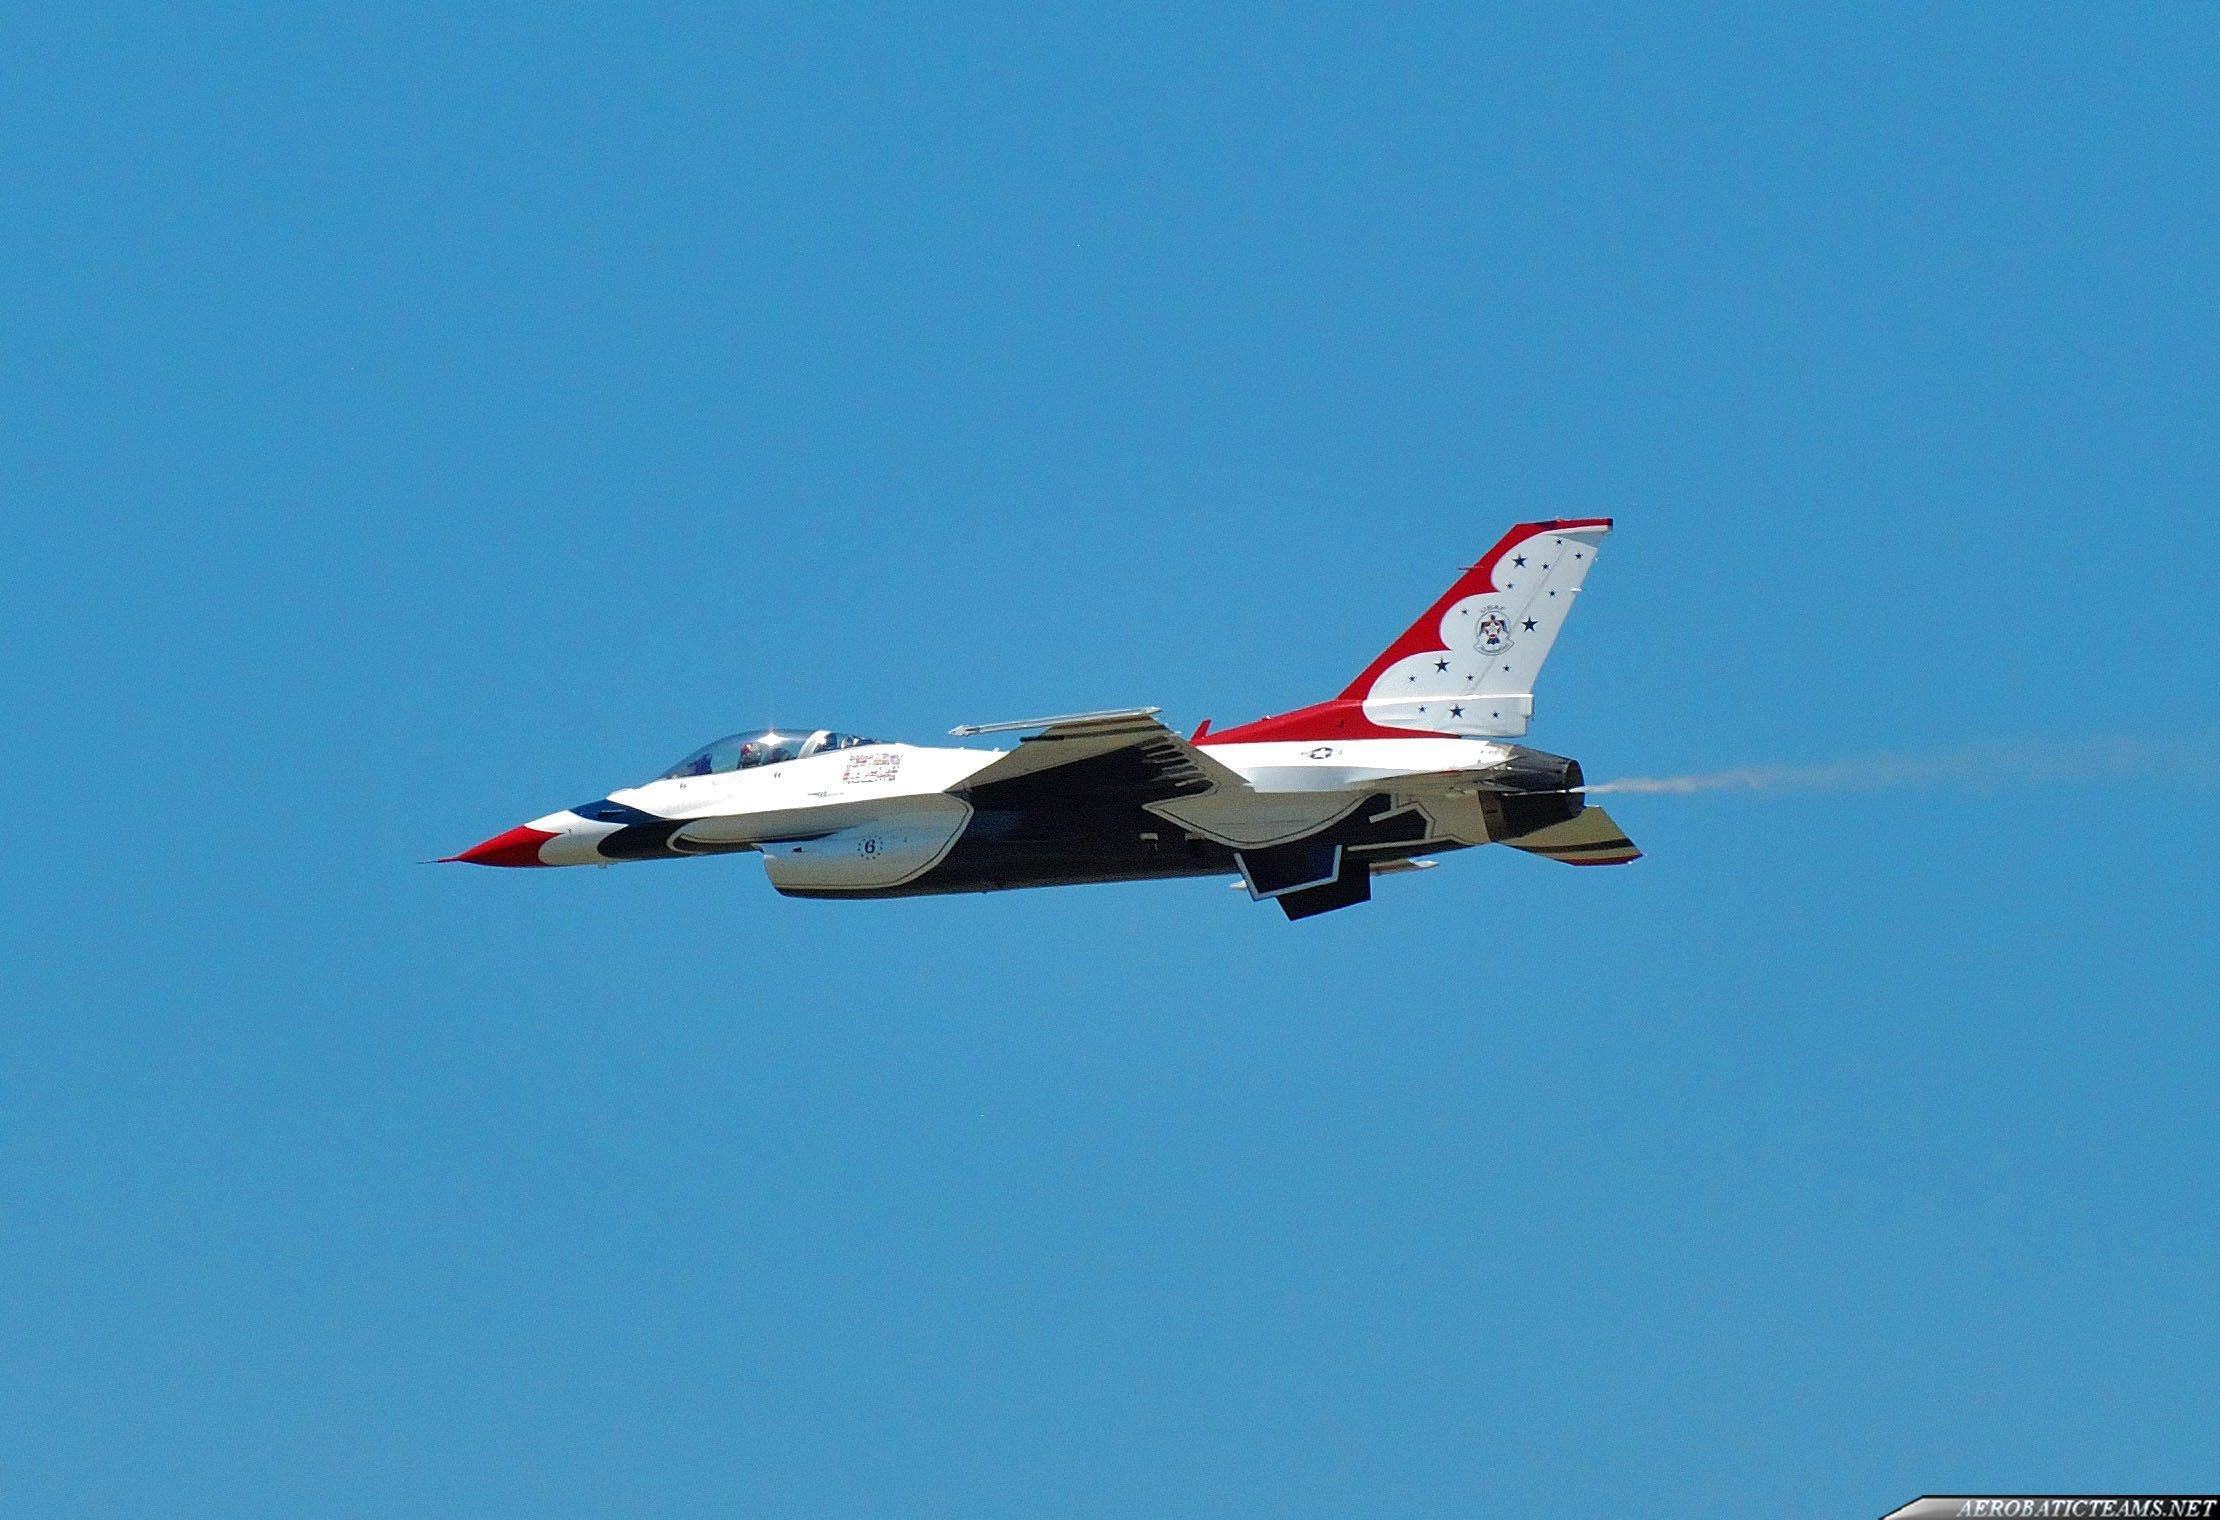 Thunderbirds recognition flights